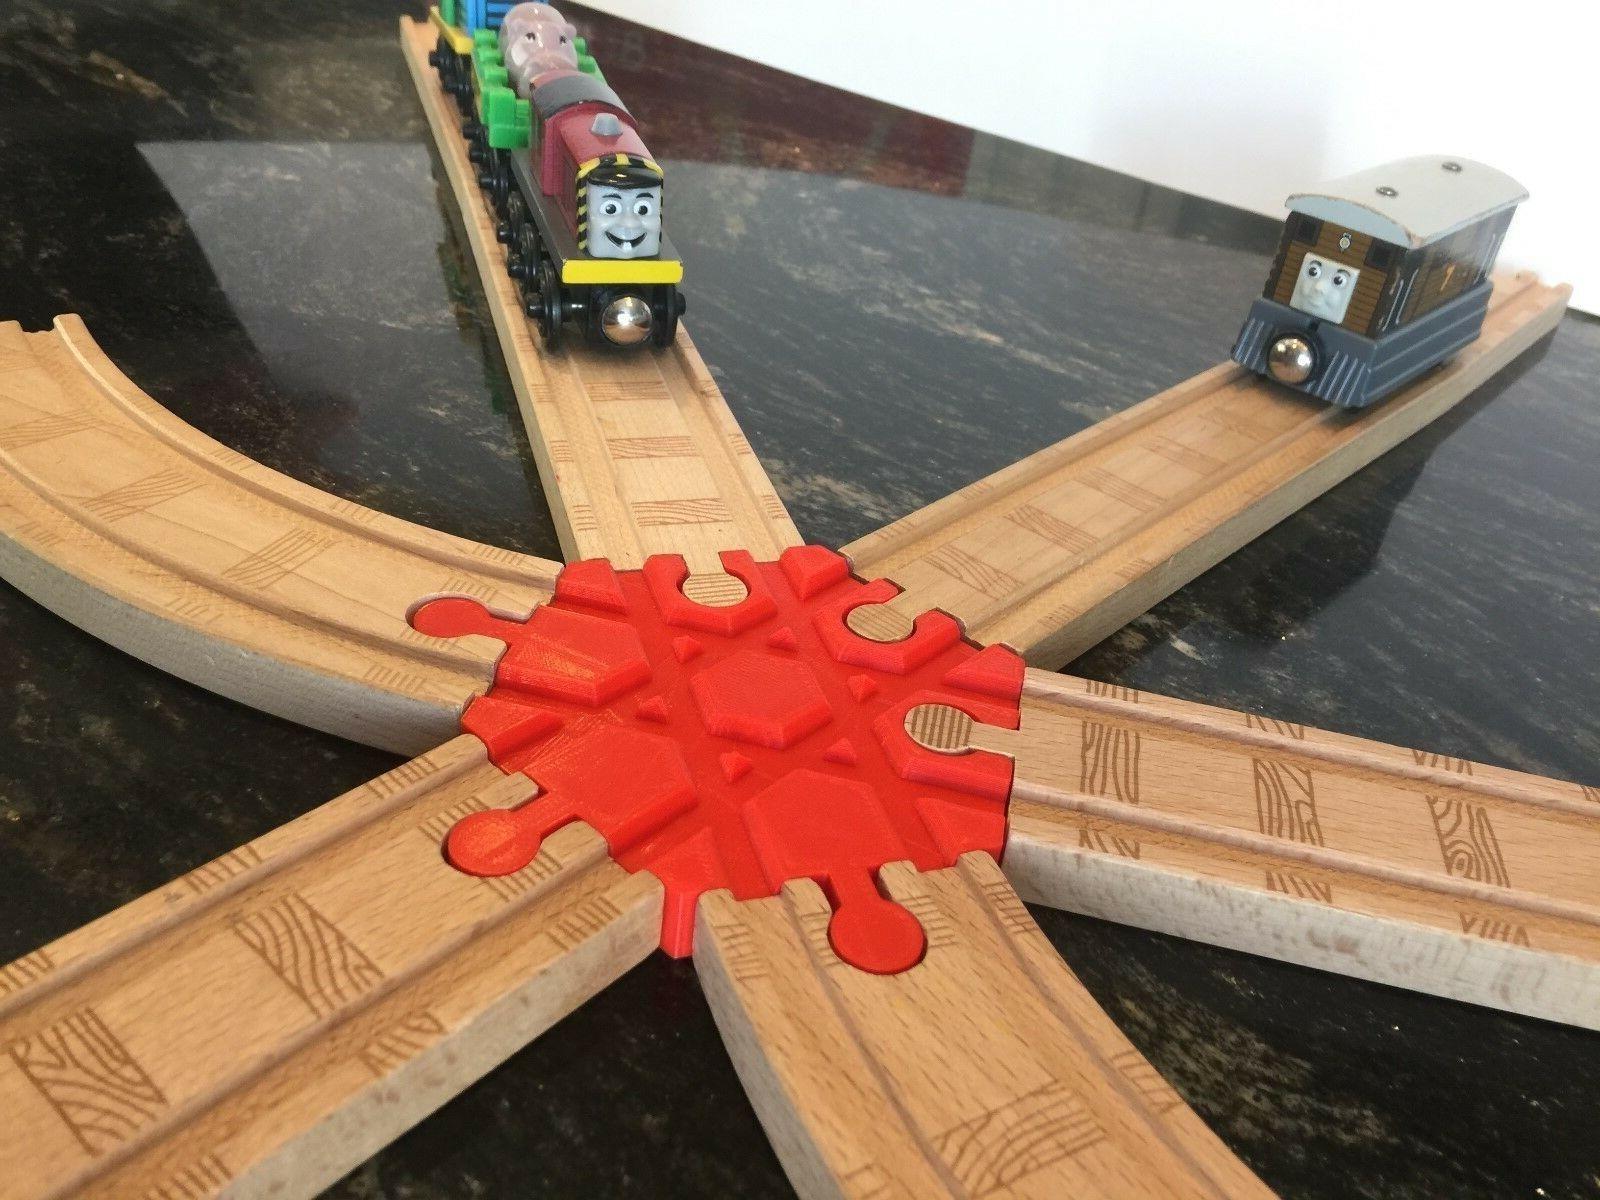 4 Way Bois Train Track Adapter Thomas The Tank Brio IKEA-choisissez votre couleur! 2